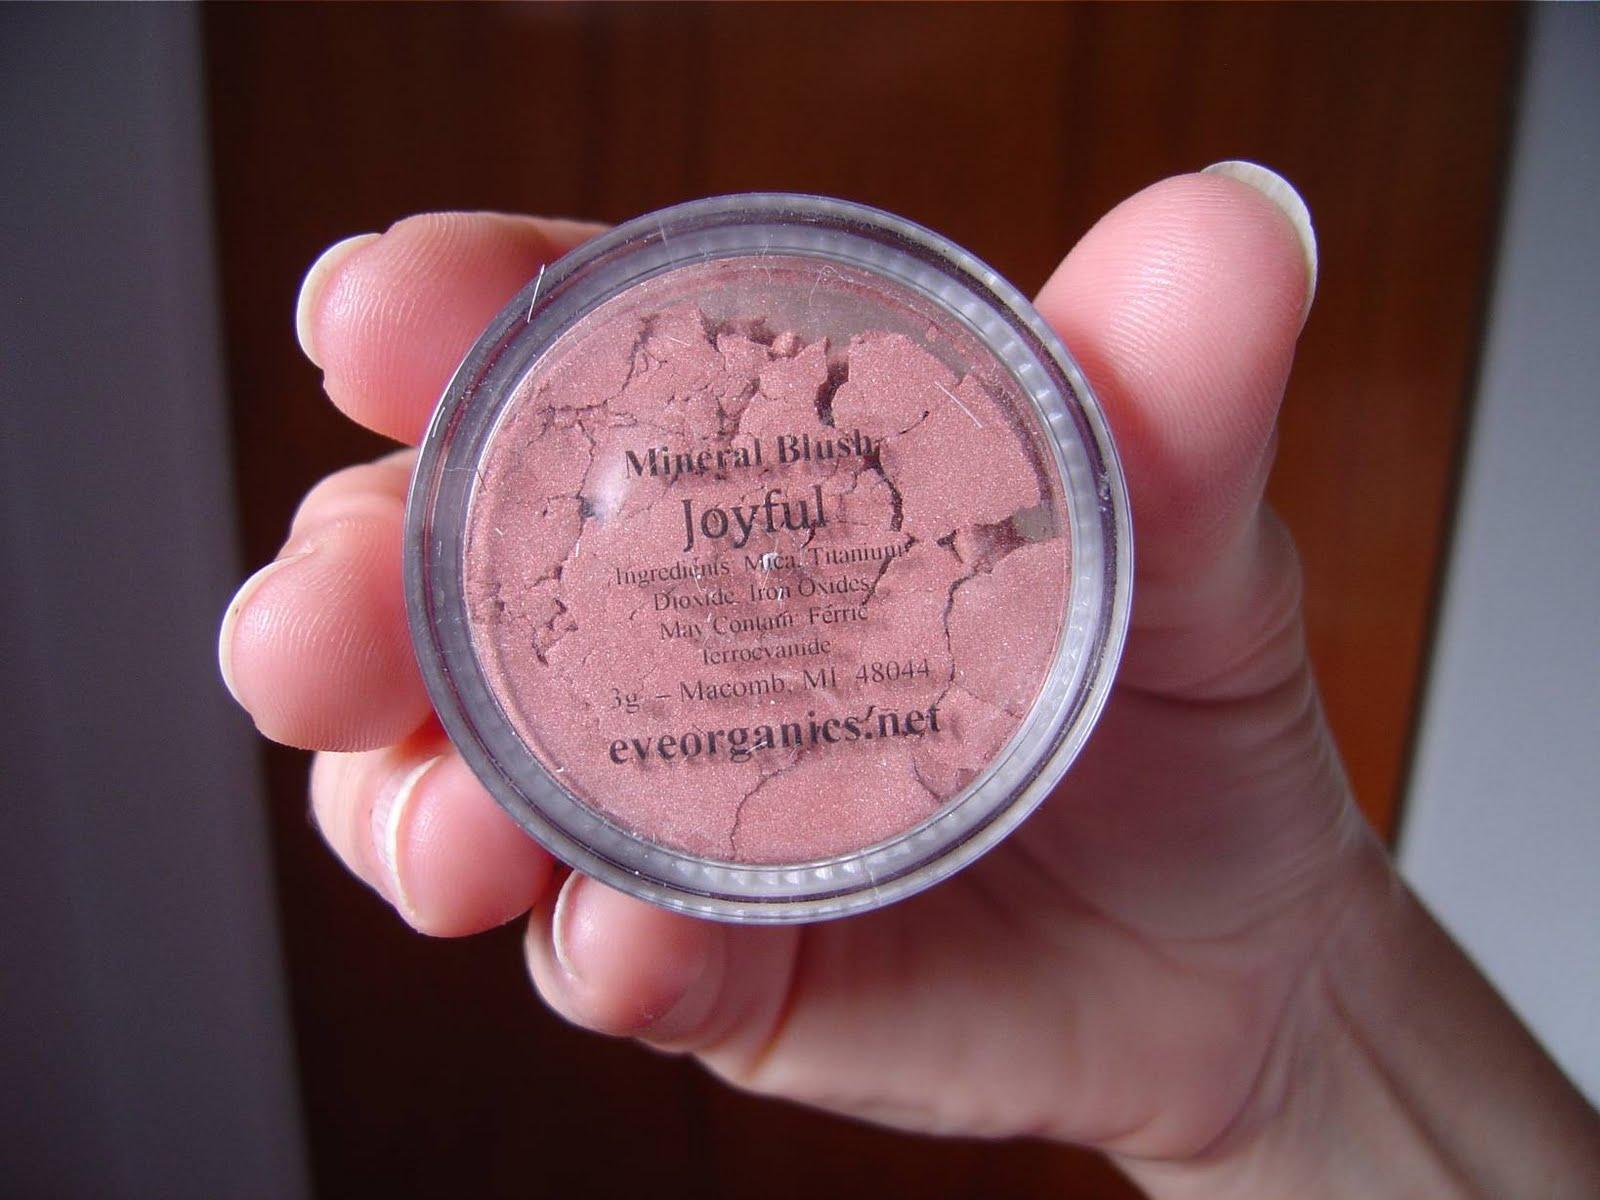 joyful mineral blush.jpeg